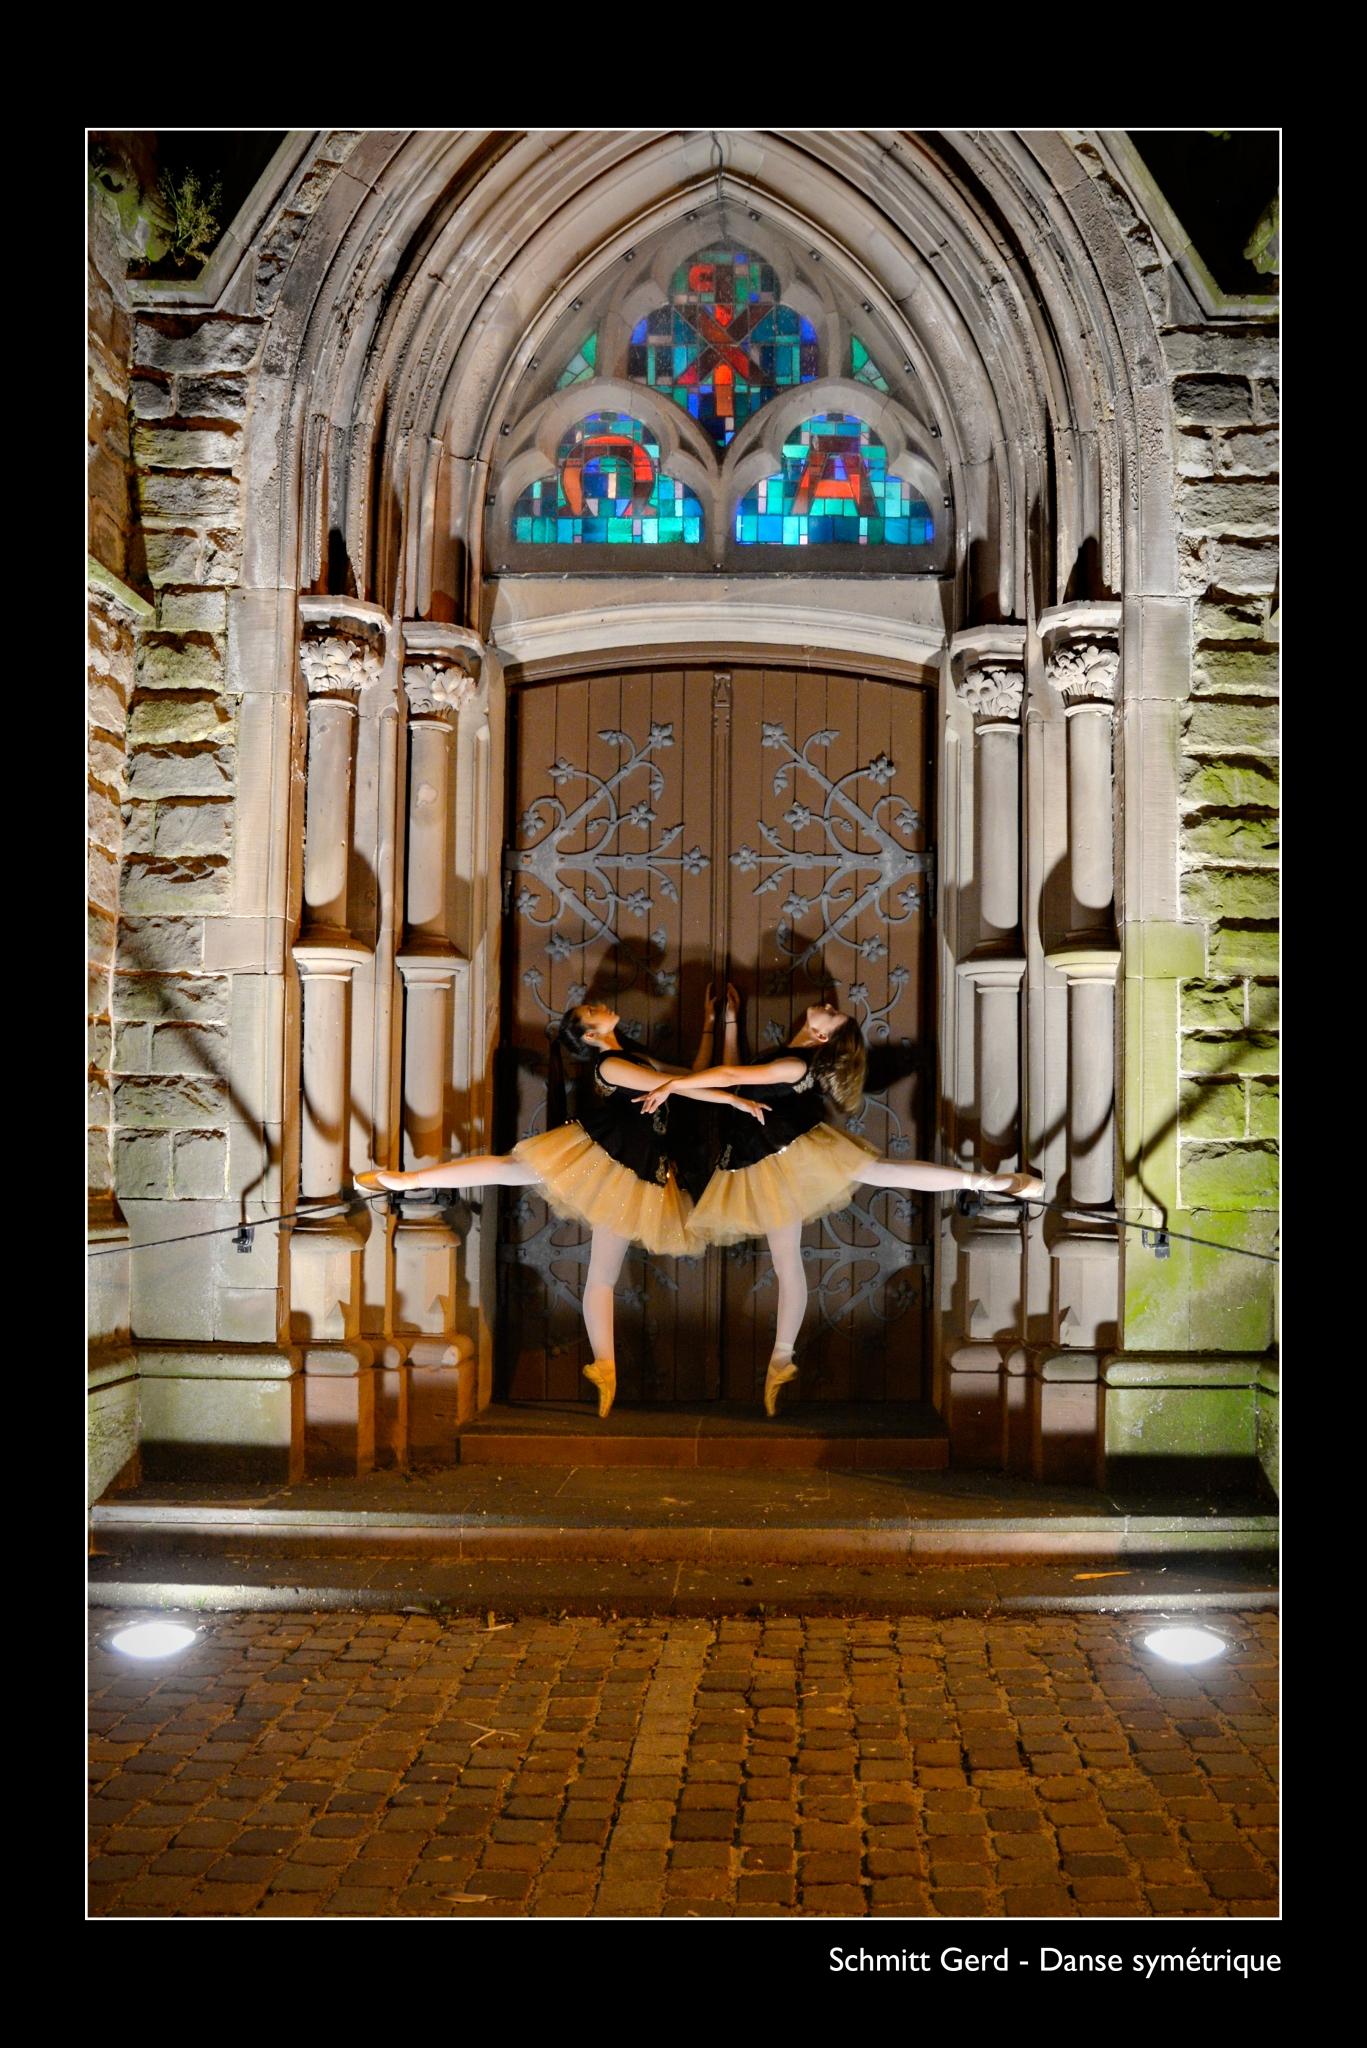 SCHMITT Gerd - Expo 2018 - Papier 3 - Danse symétrique